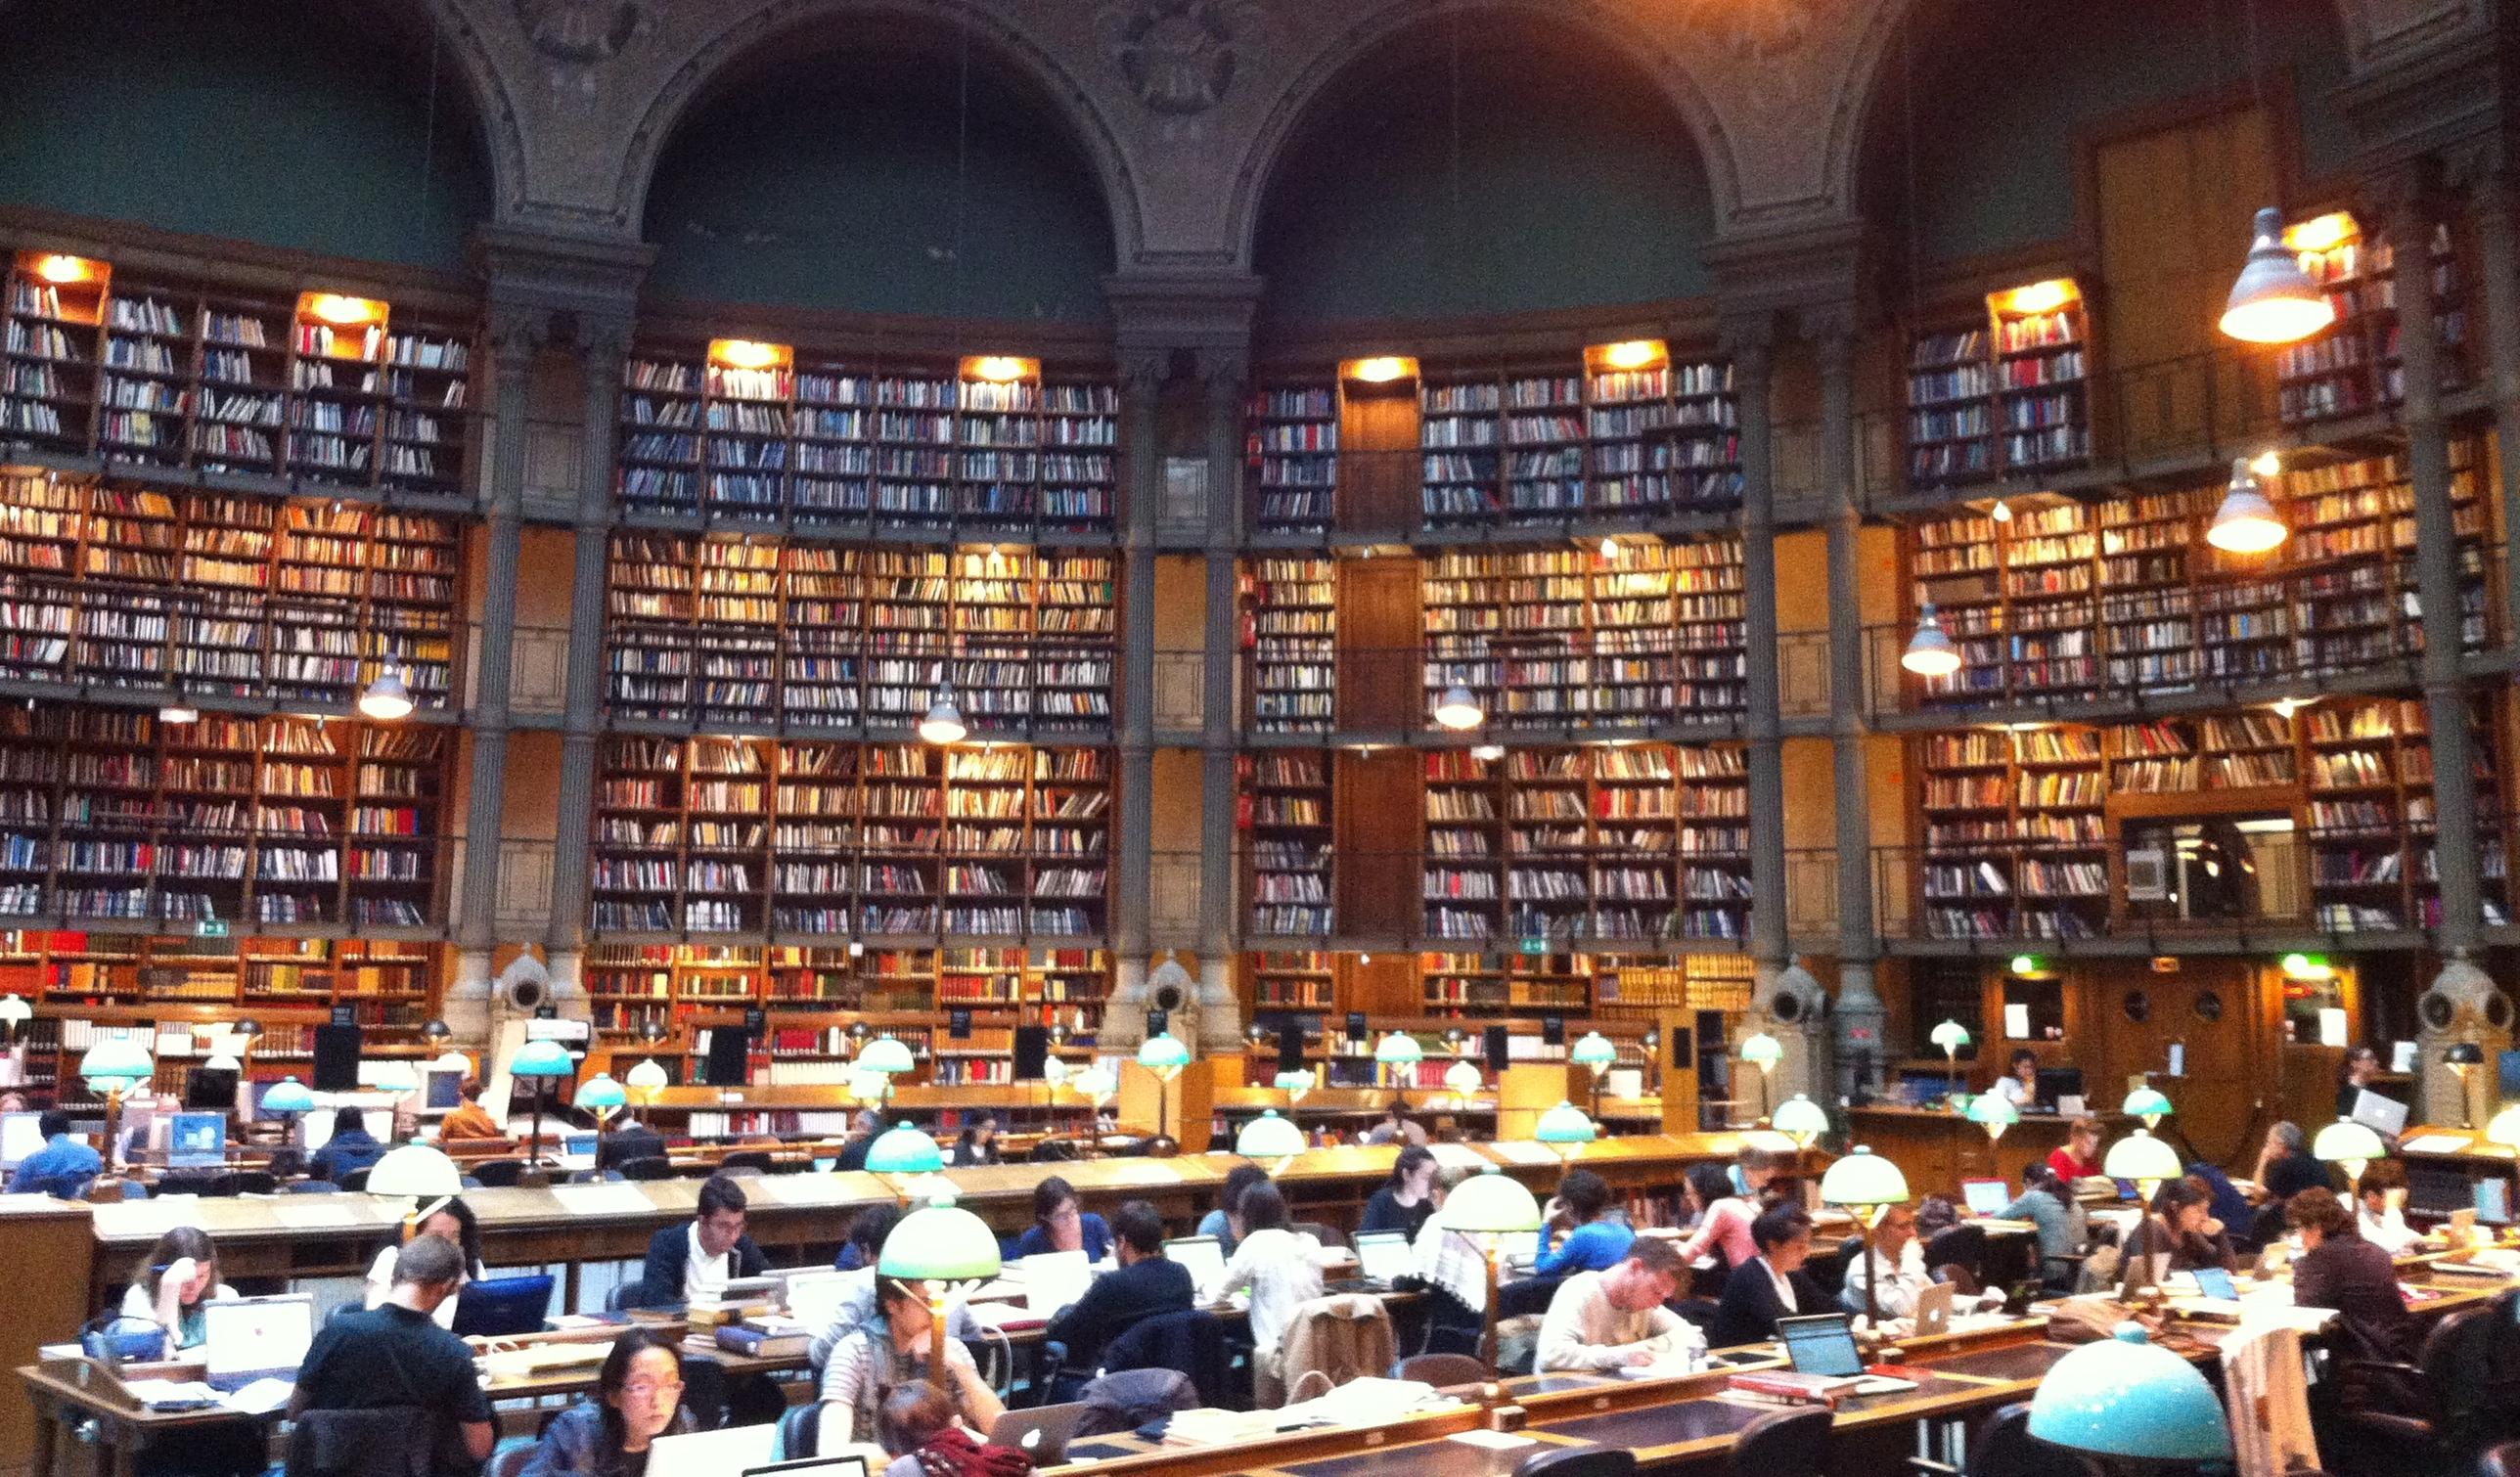 Das Babel der Bibliothek univie bloggt